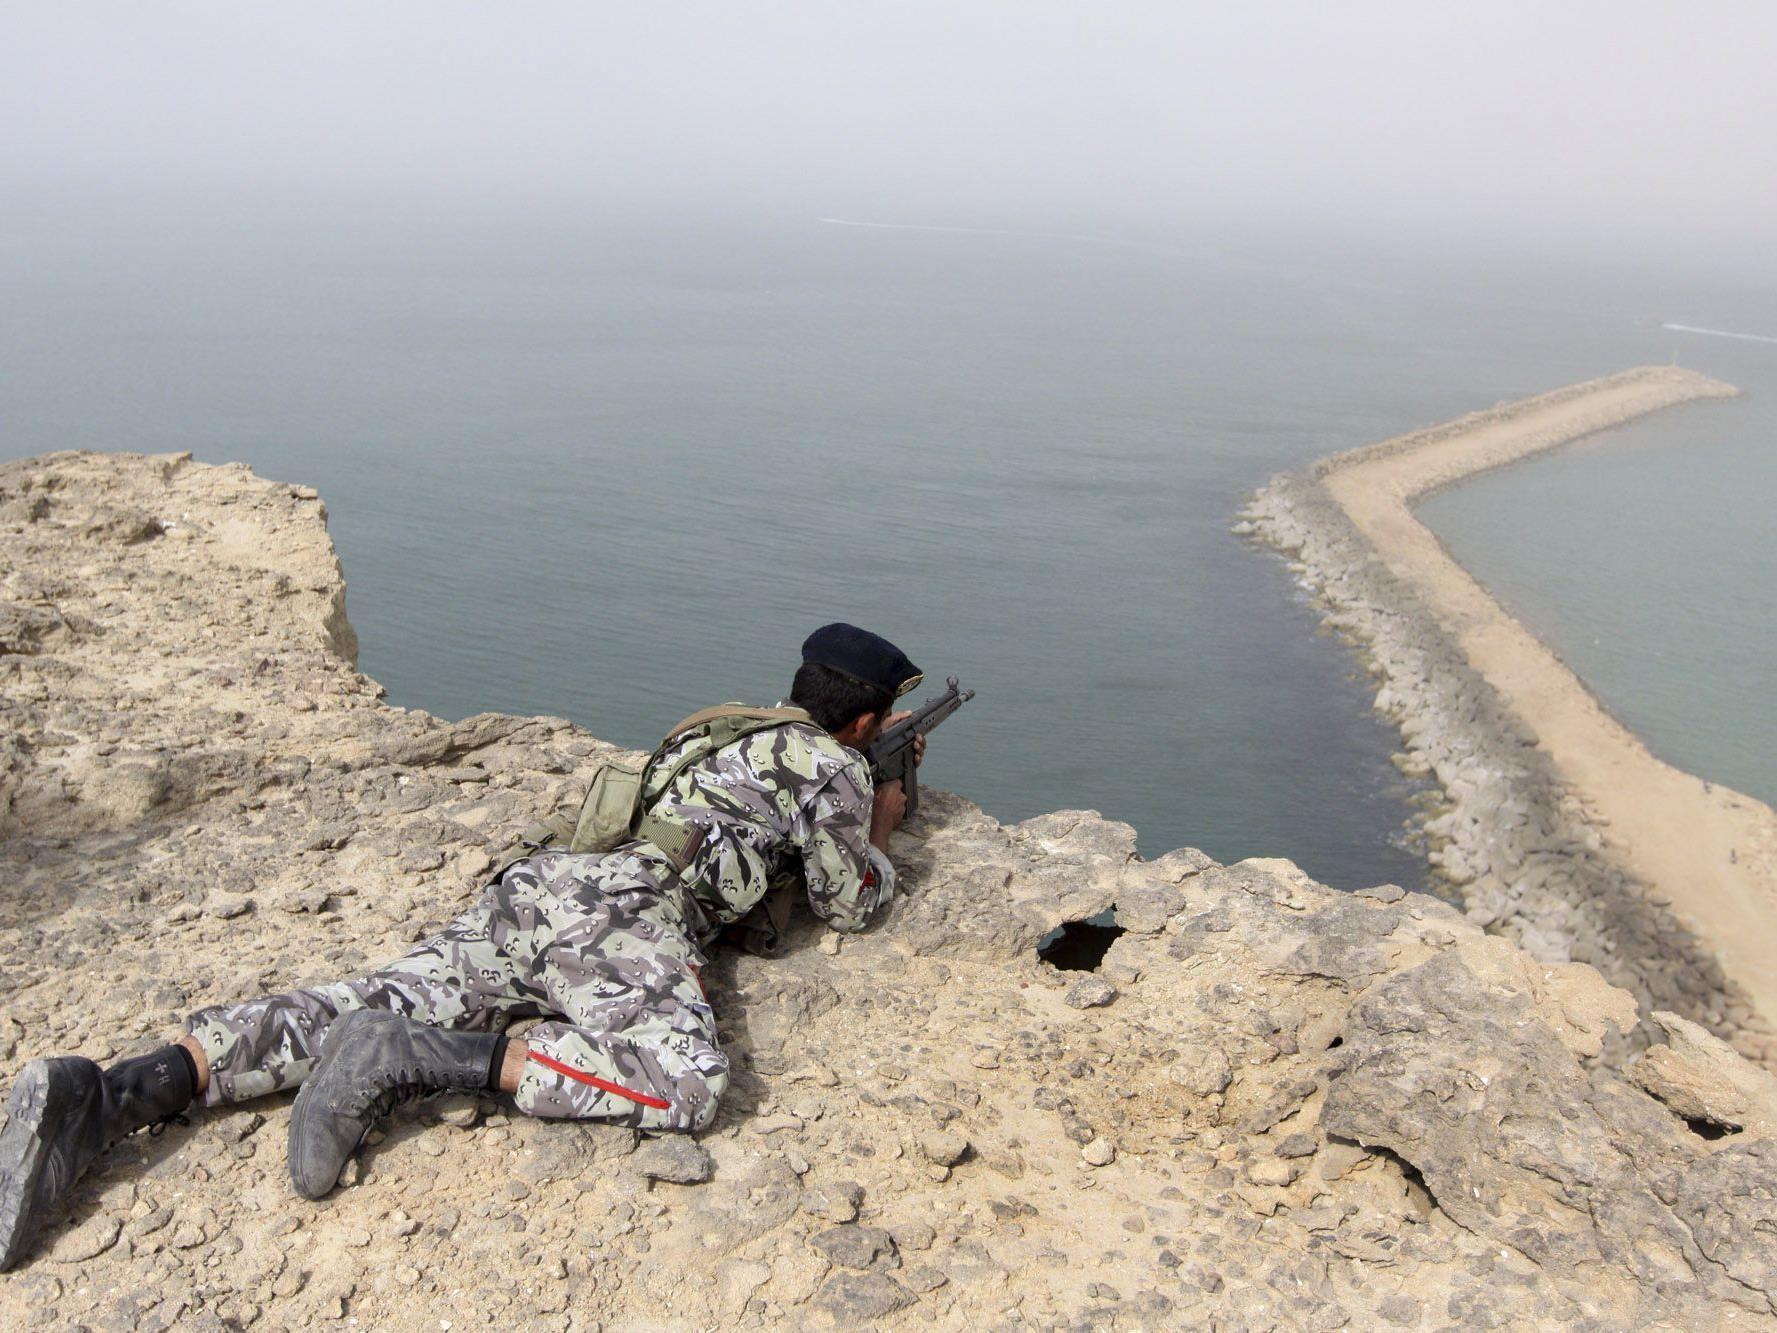 Jetzt hat auch China, enger Verbündeter des Iran, die Islamische Republik vor einer Sperrung der Straße von Hormuz gewarnt.